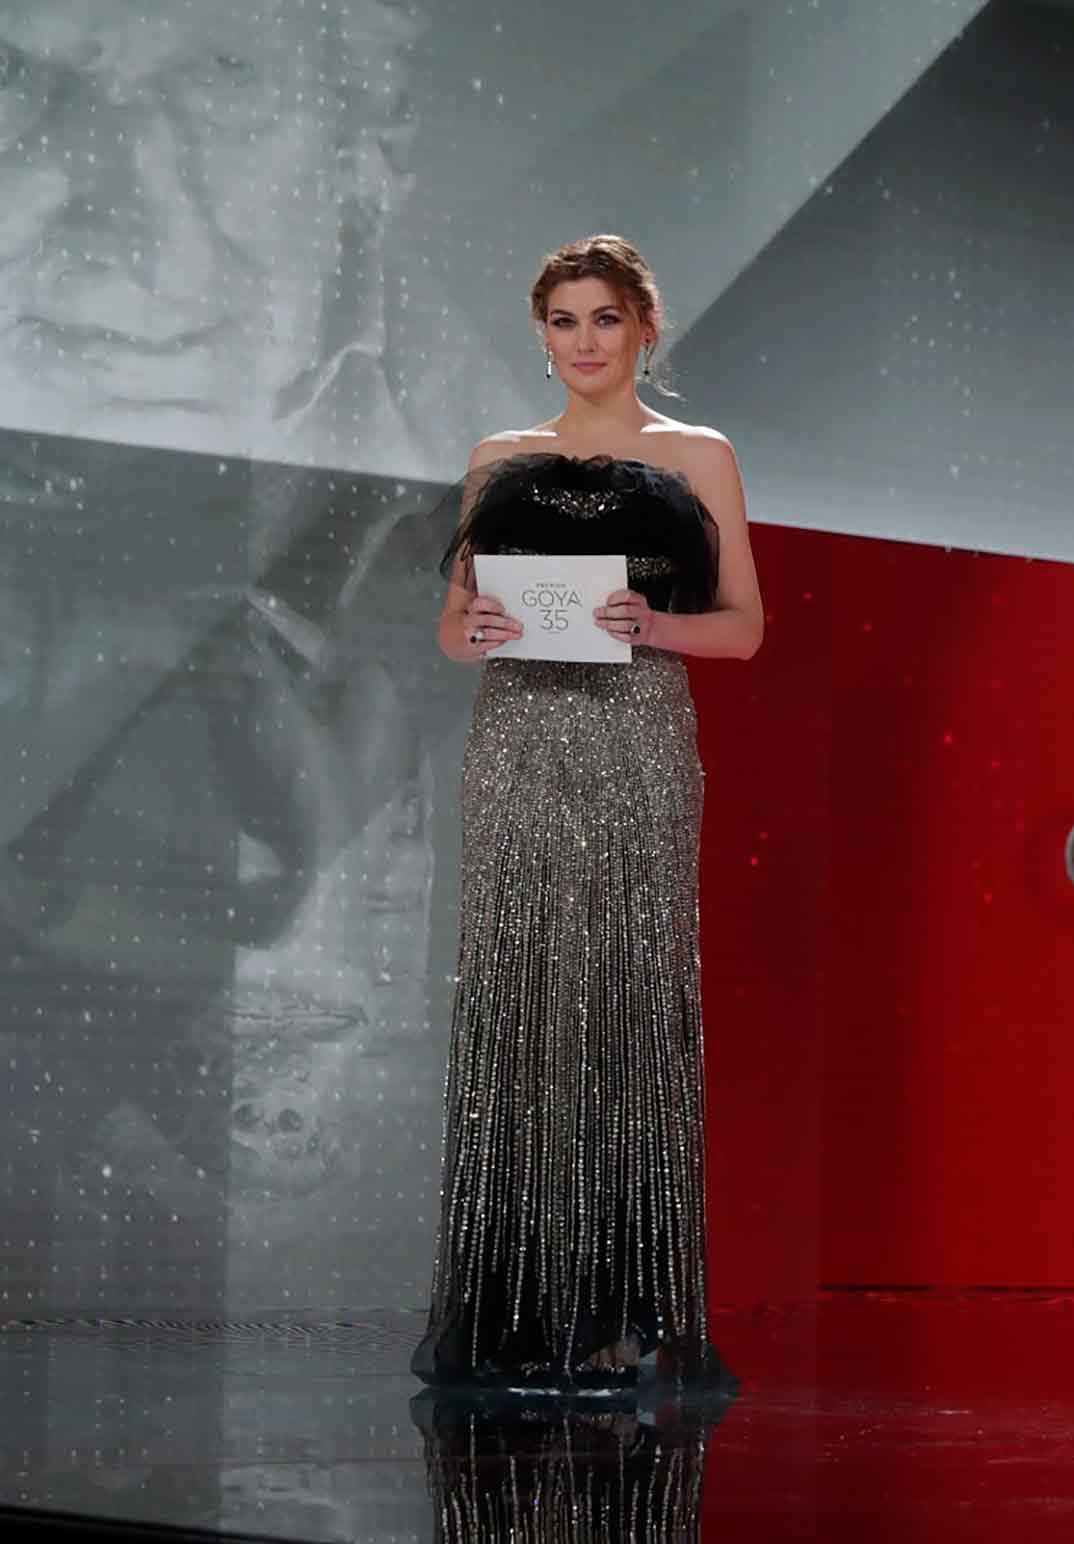 María Casado en la gala de los Premios Goya 2021 (2) ©Miguel Córdoba – Cortesía de la Academia de Cine